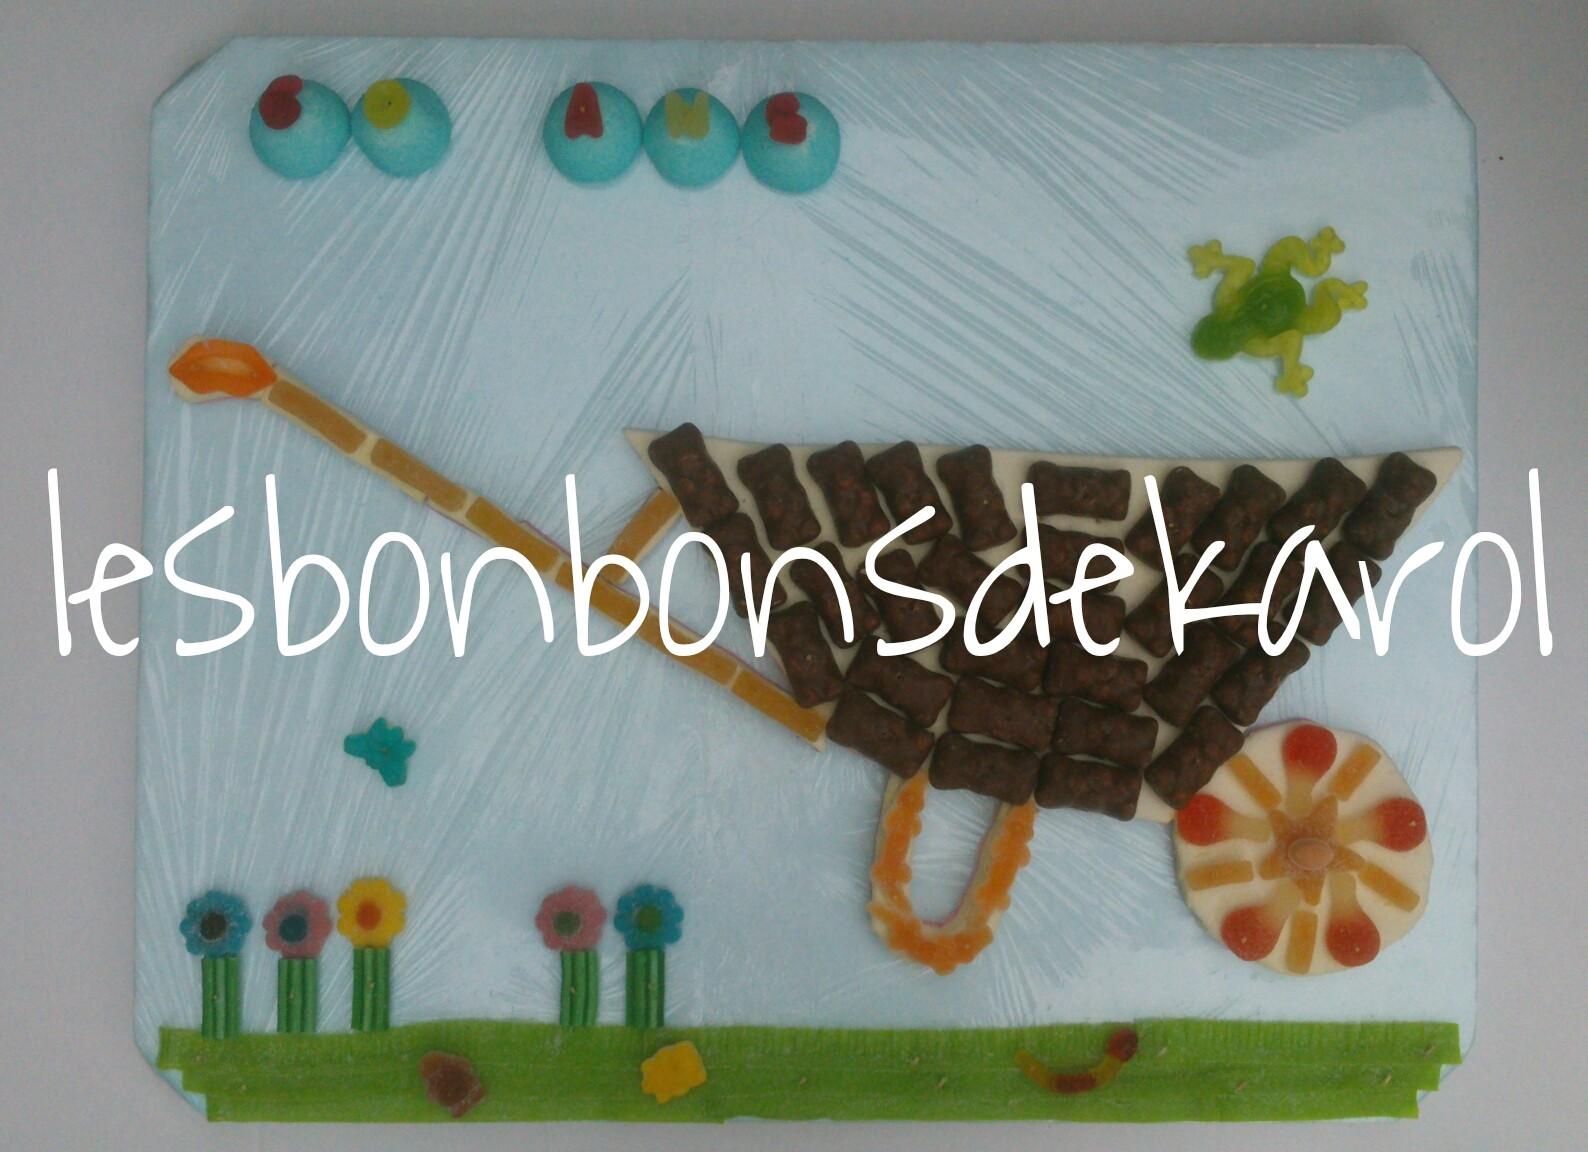 BROUETTE 38 € (61x50 cm - 976 gr et 86 bonbons + plaque lard/guimauve)